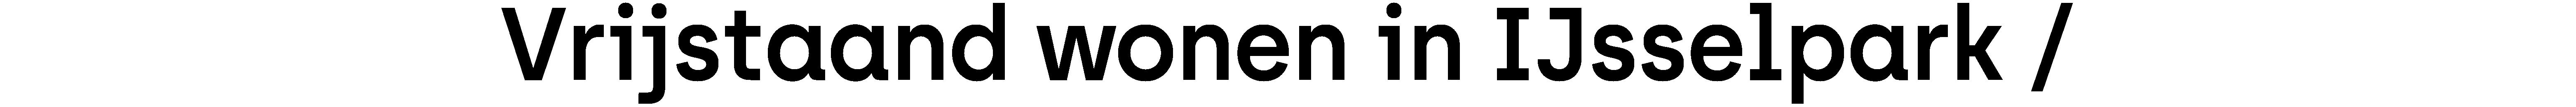 df621920-1d19-11eb-a539-fb22d7027447.png